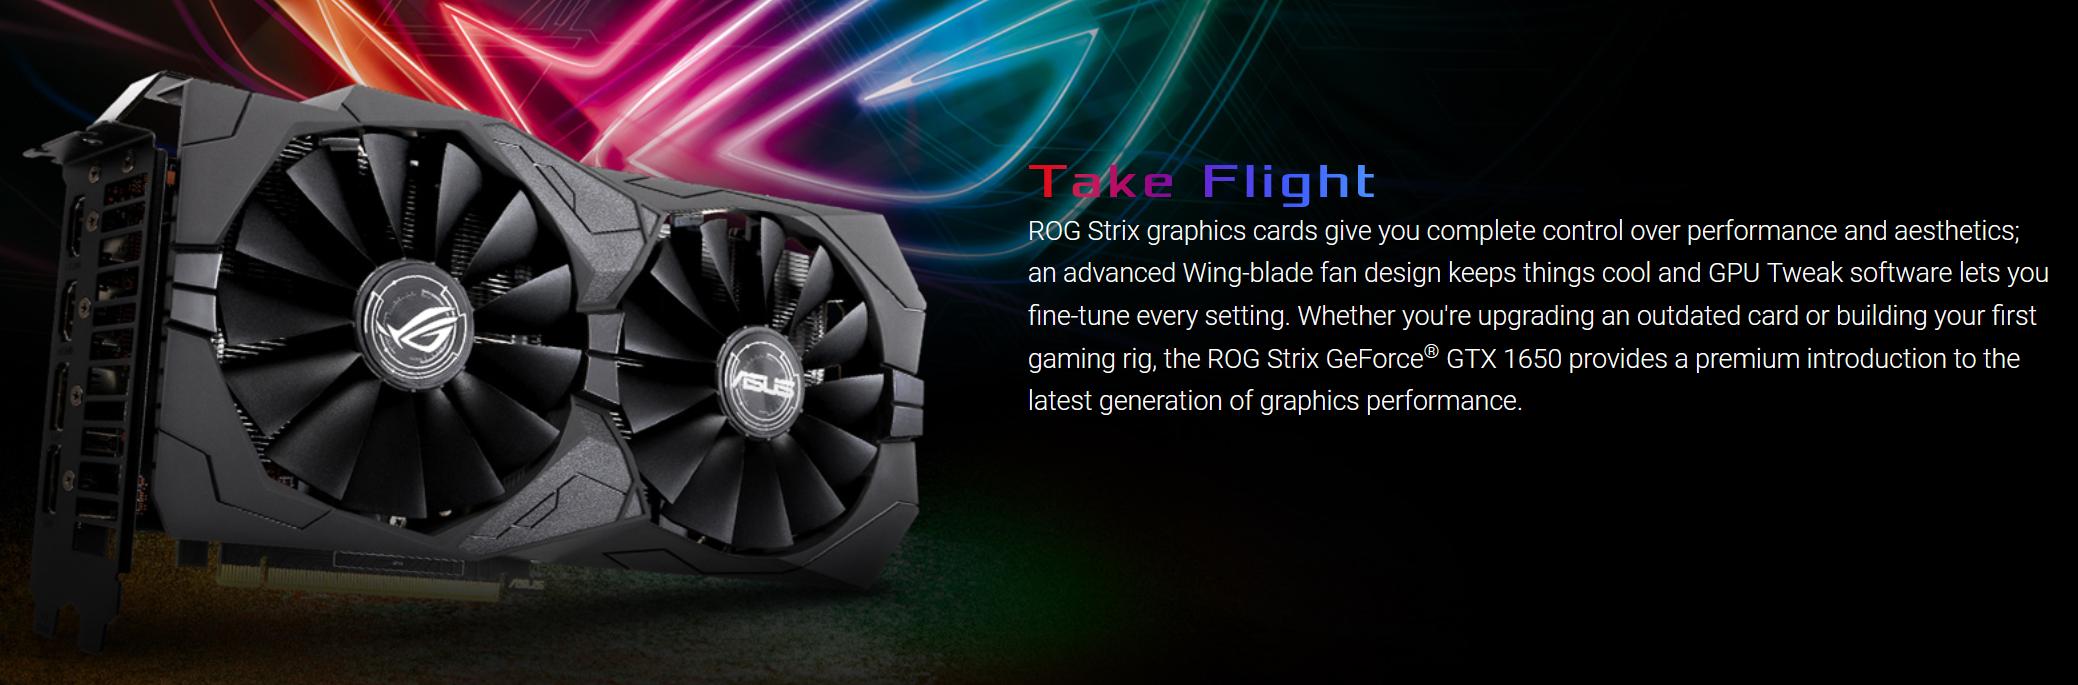 Card màn hình ASUS ROG STRIX GTX 1650 Super-A4G GAMING